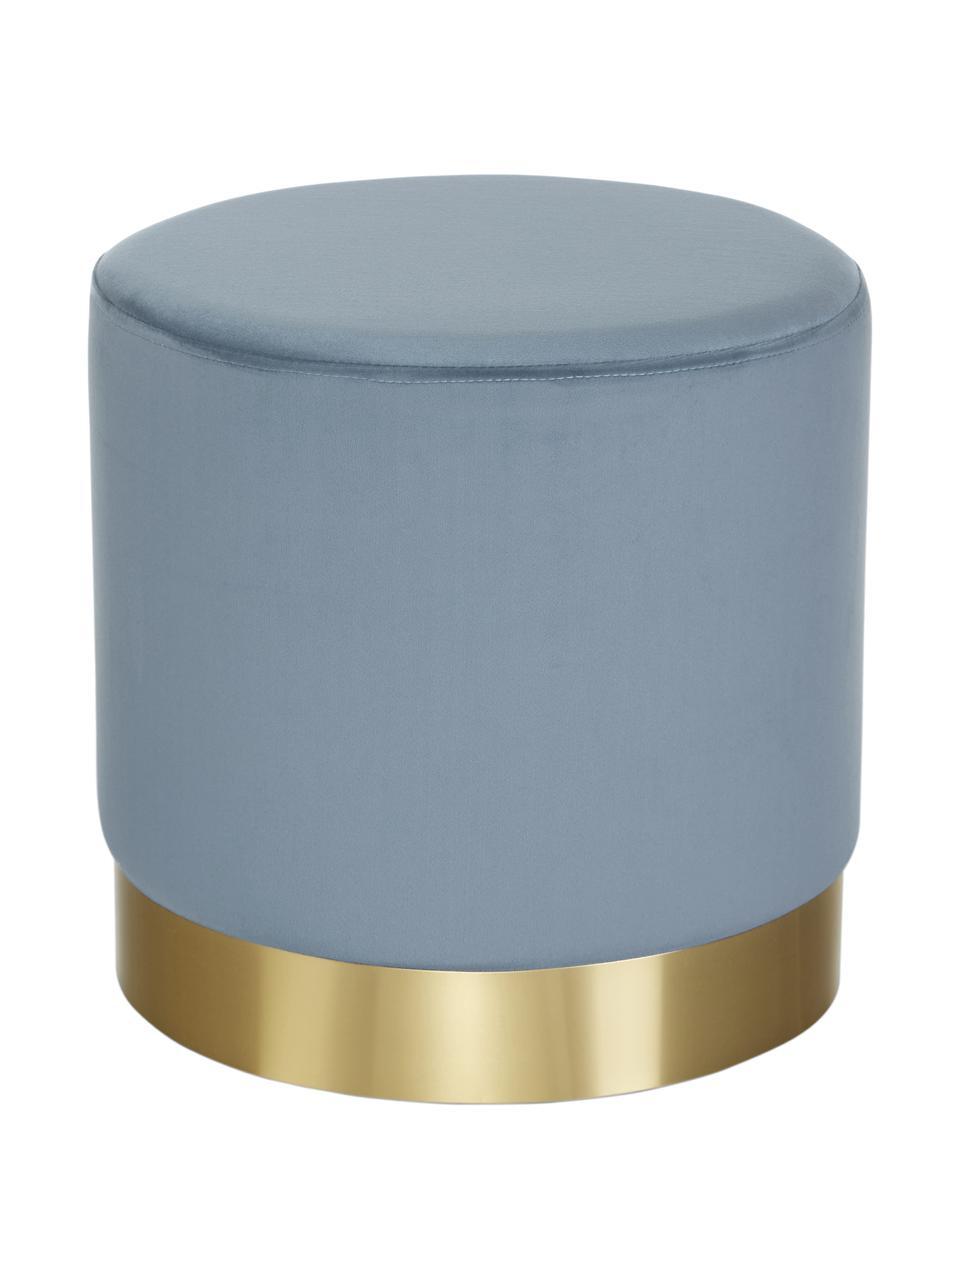 Pouf in velluto azzurro Orchid, Rivestimento: velluto (100% poliestere), Struttura: compensato, Velluto azzurro, dorato, Ø 38 x Alt. 38 cm